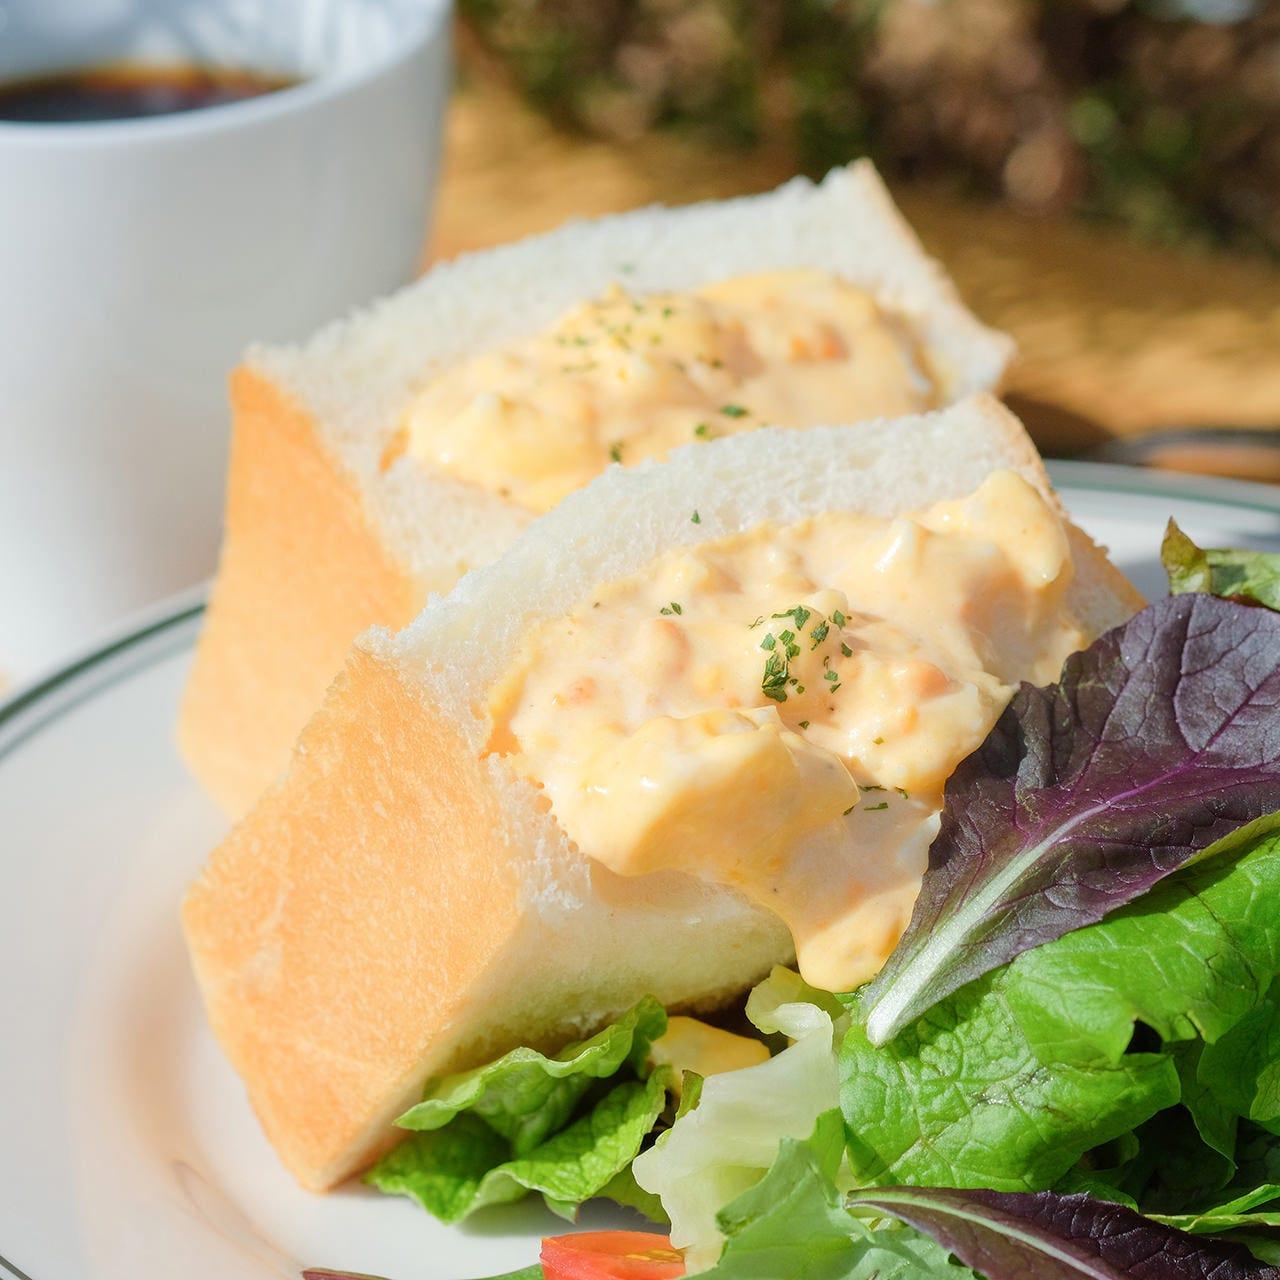 深谷 田中農園から届いた特別なたまごで作るサンドイッチ